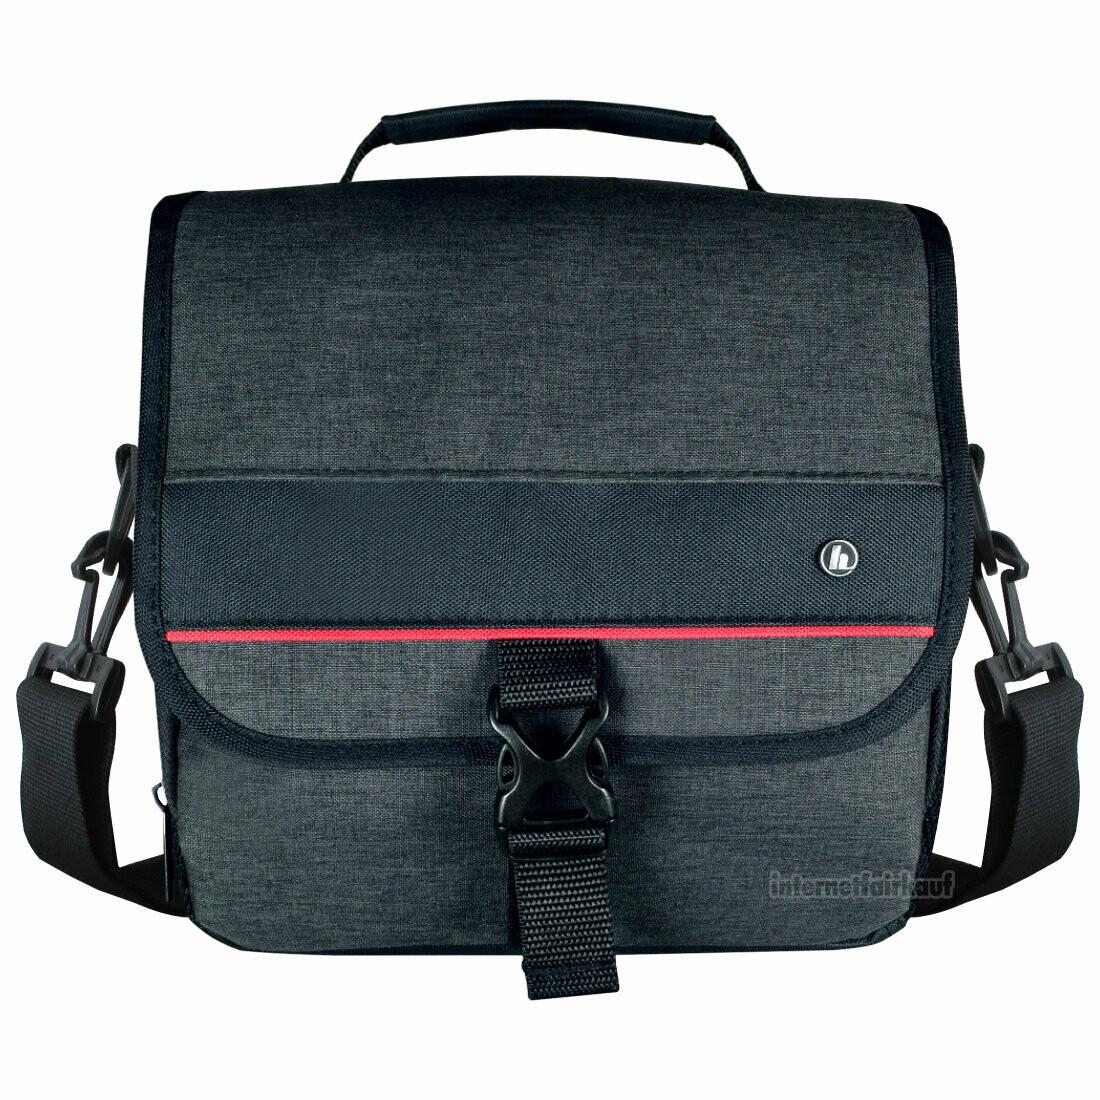 Kameratasche passend für Nikon D5100 D5600 Fototasche